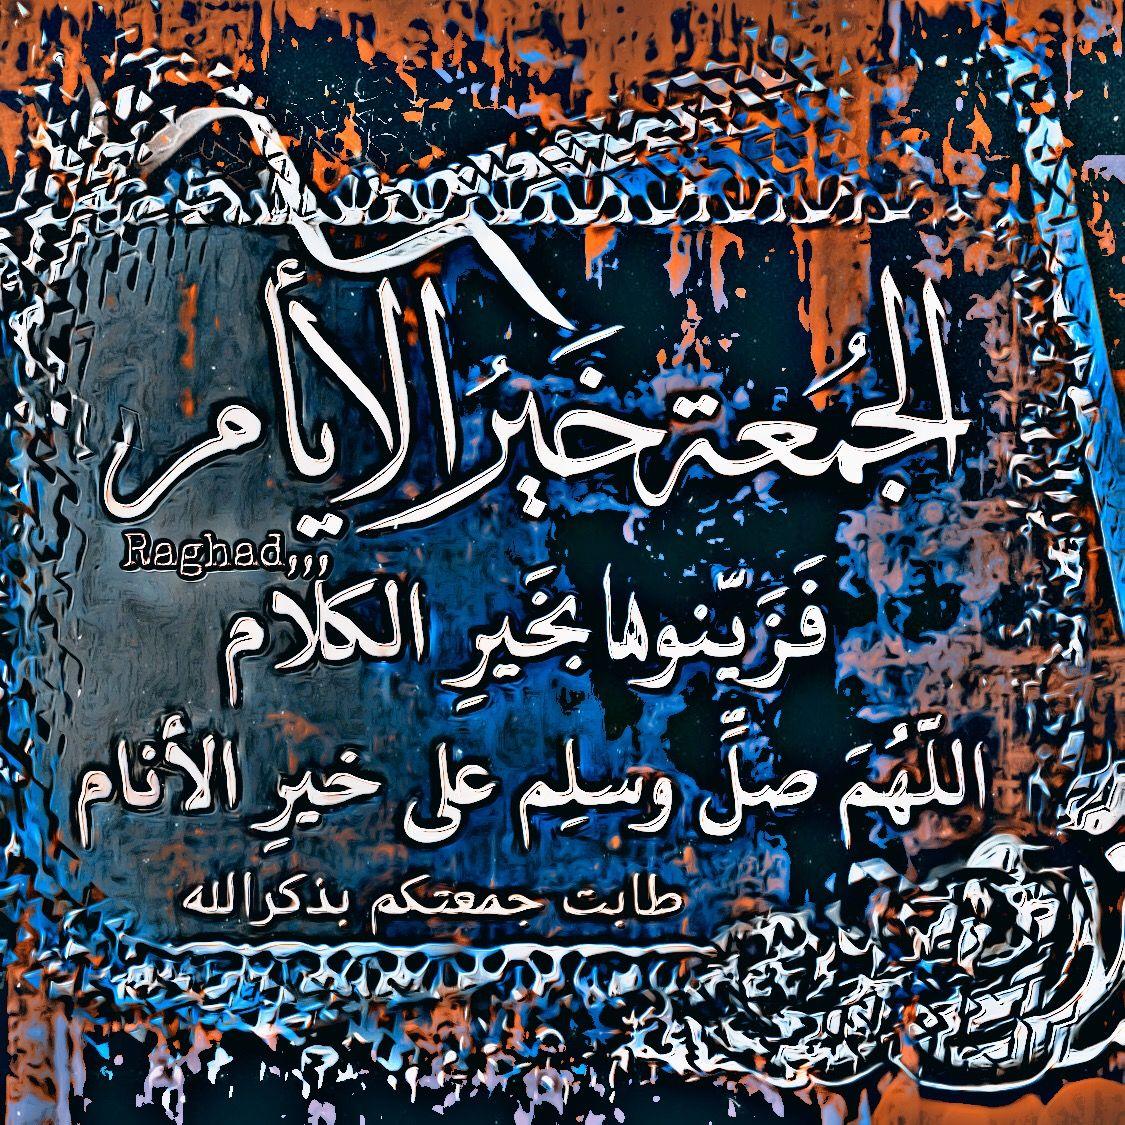 جمعة طيبة وسعيدة مقبولة الدعوات مرفوعة الدرجات مختومة بالرحمة والمغفرة والعفو والعافية بإذن الله Chalkboard Quote Art Art Quotes Islamic Pictures